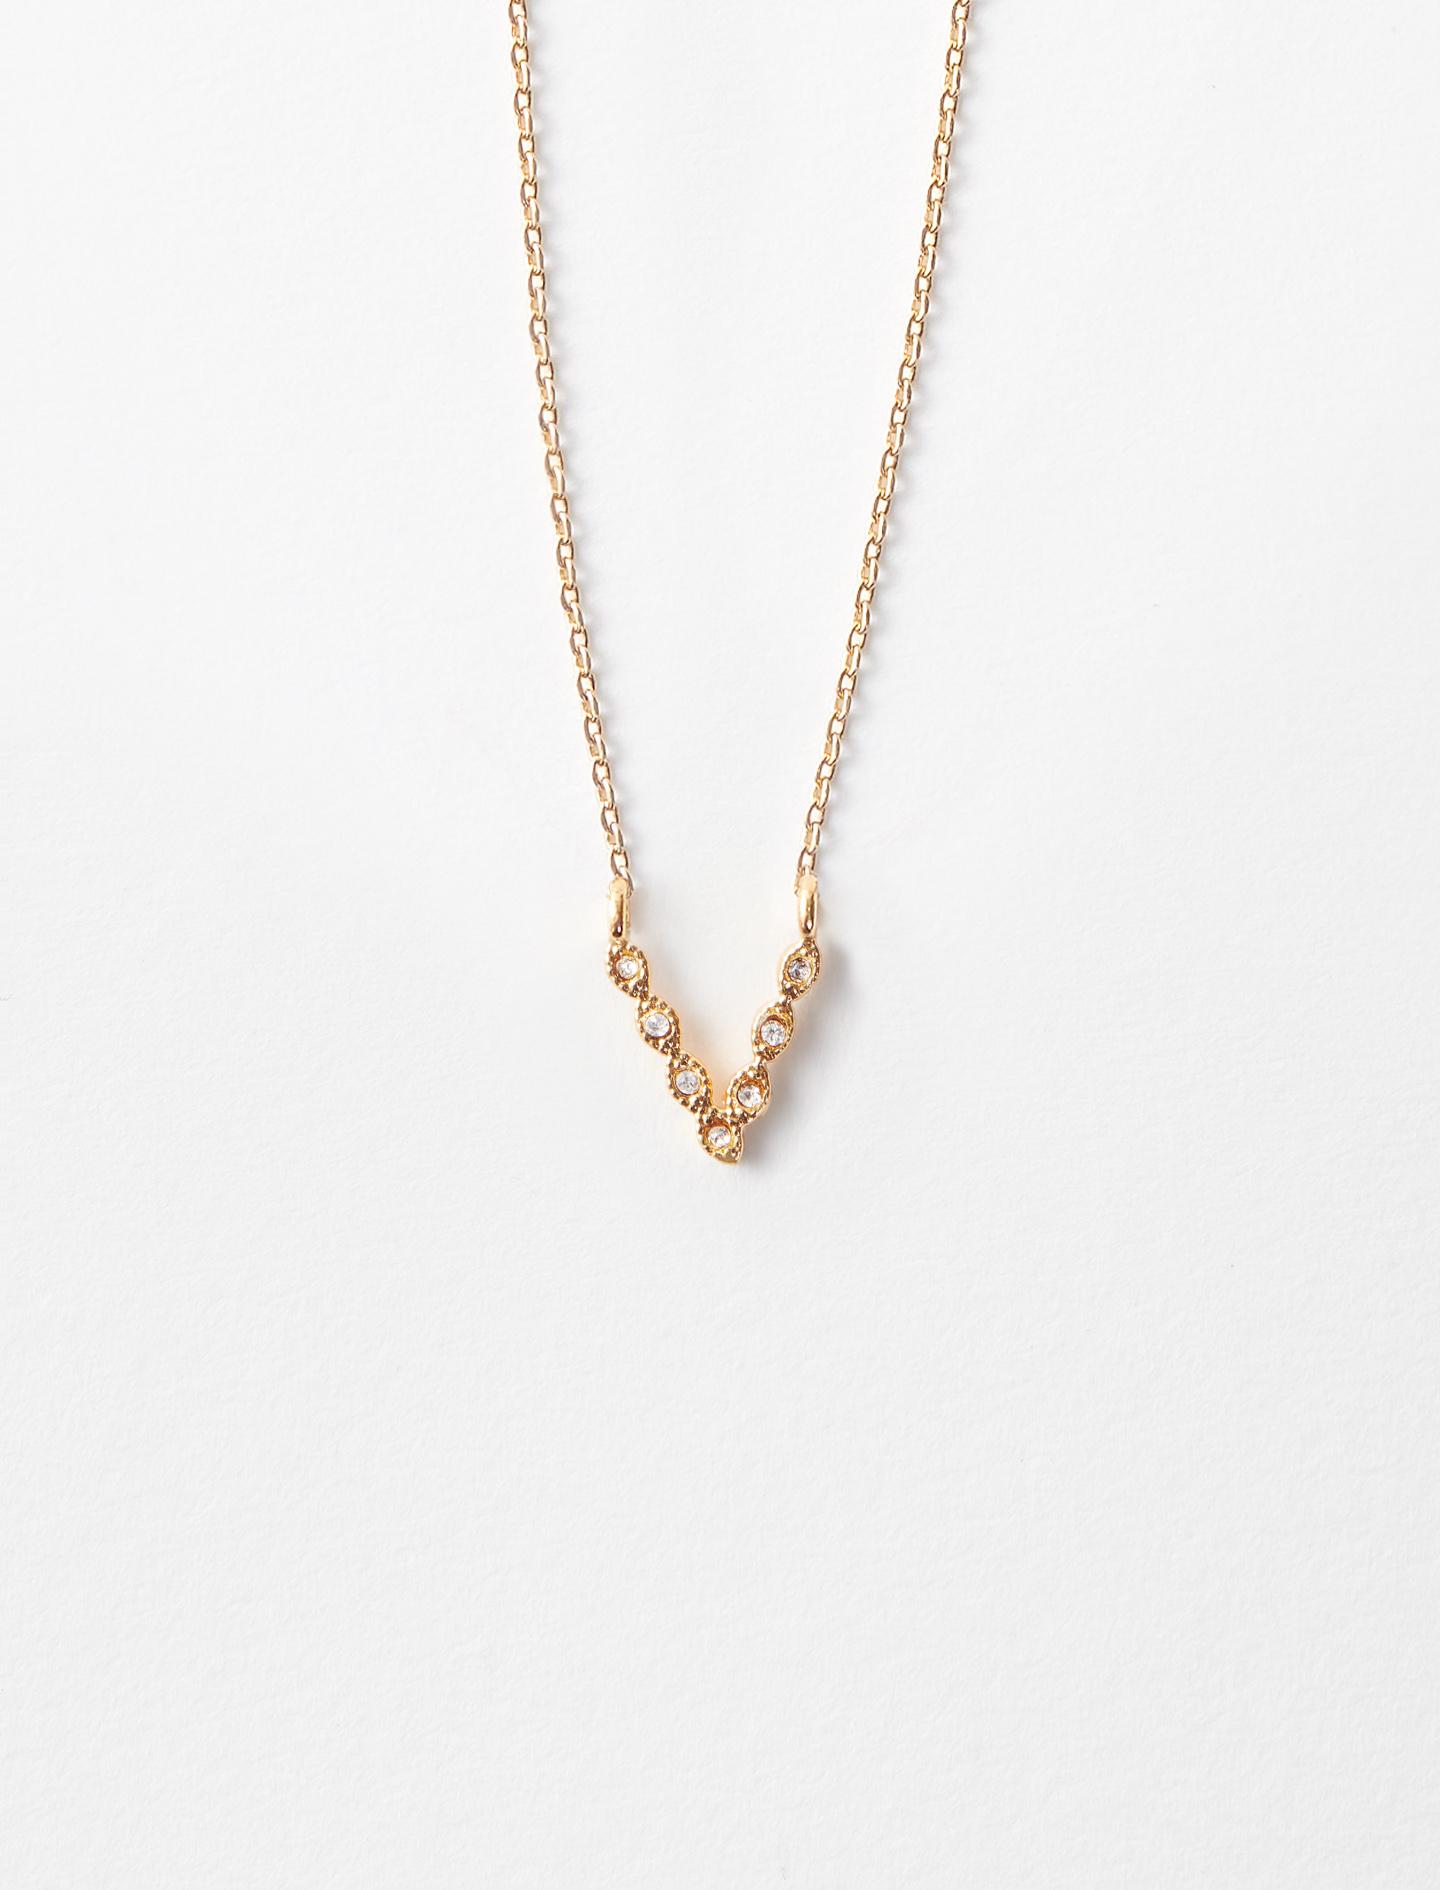 Rhinestone V necklace - Gold